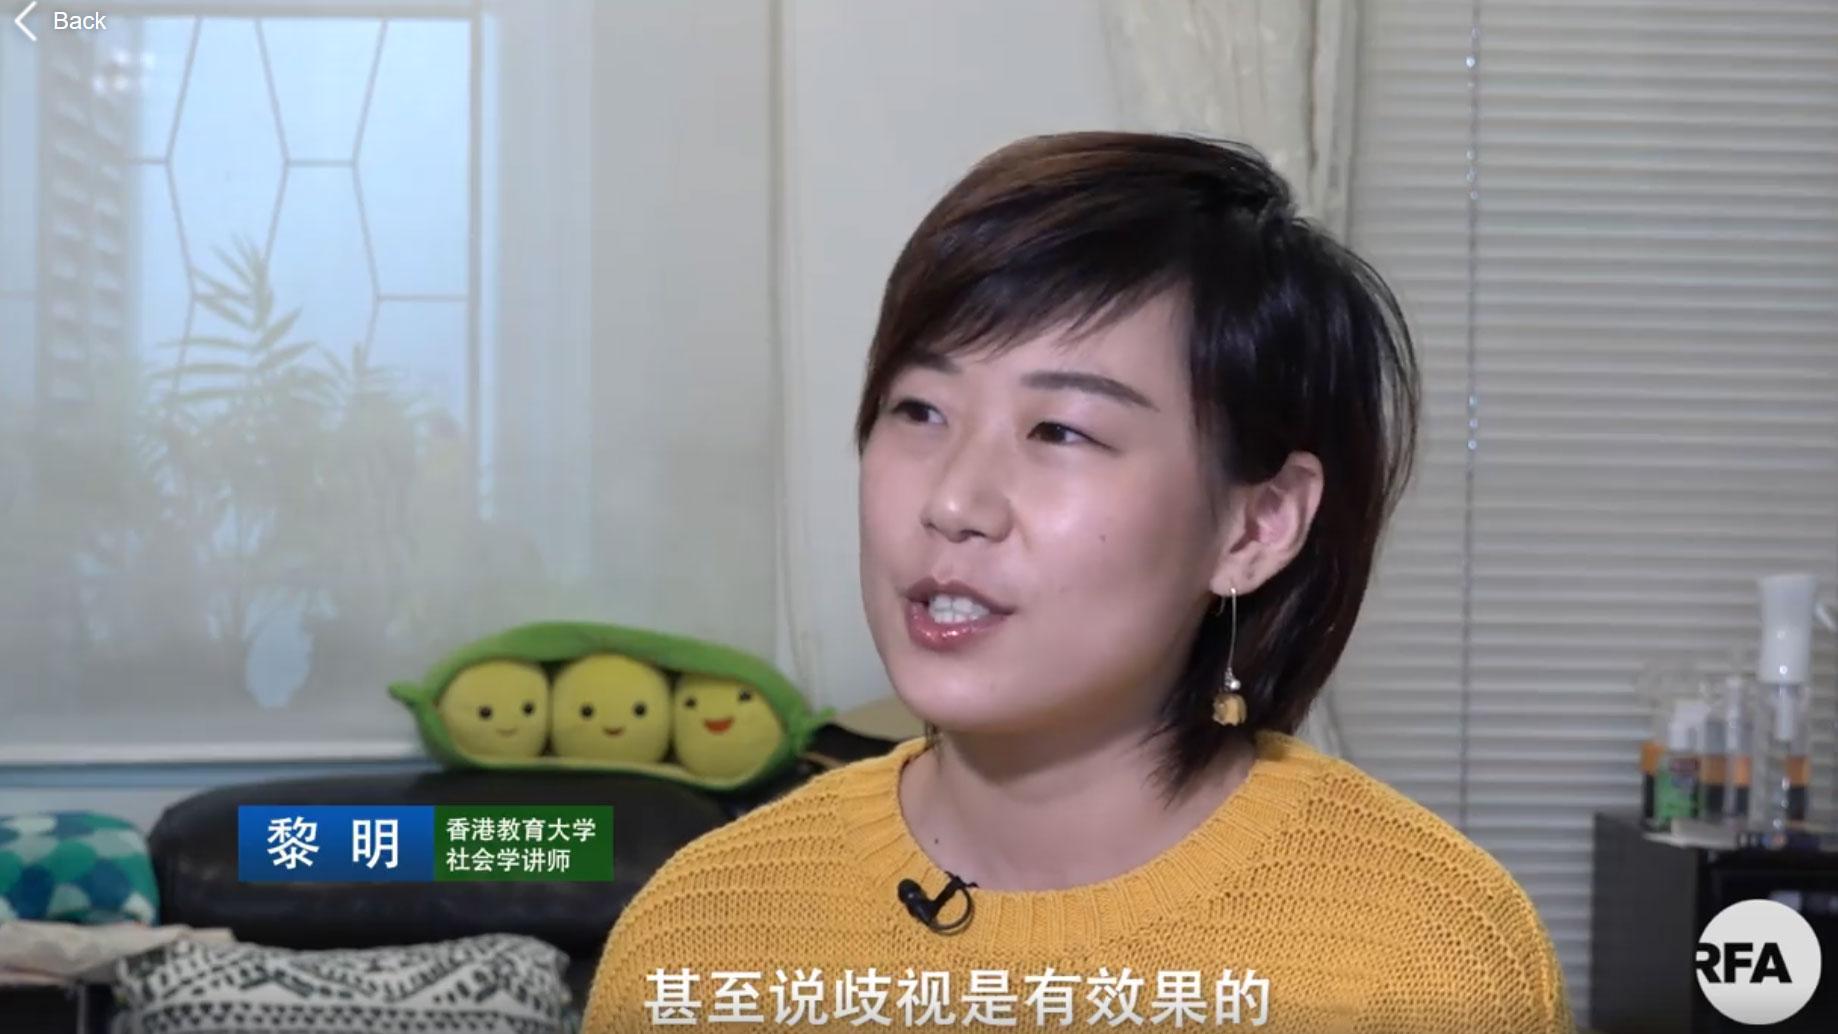 香港教育大学社会学讲师黎明。(视频截图)